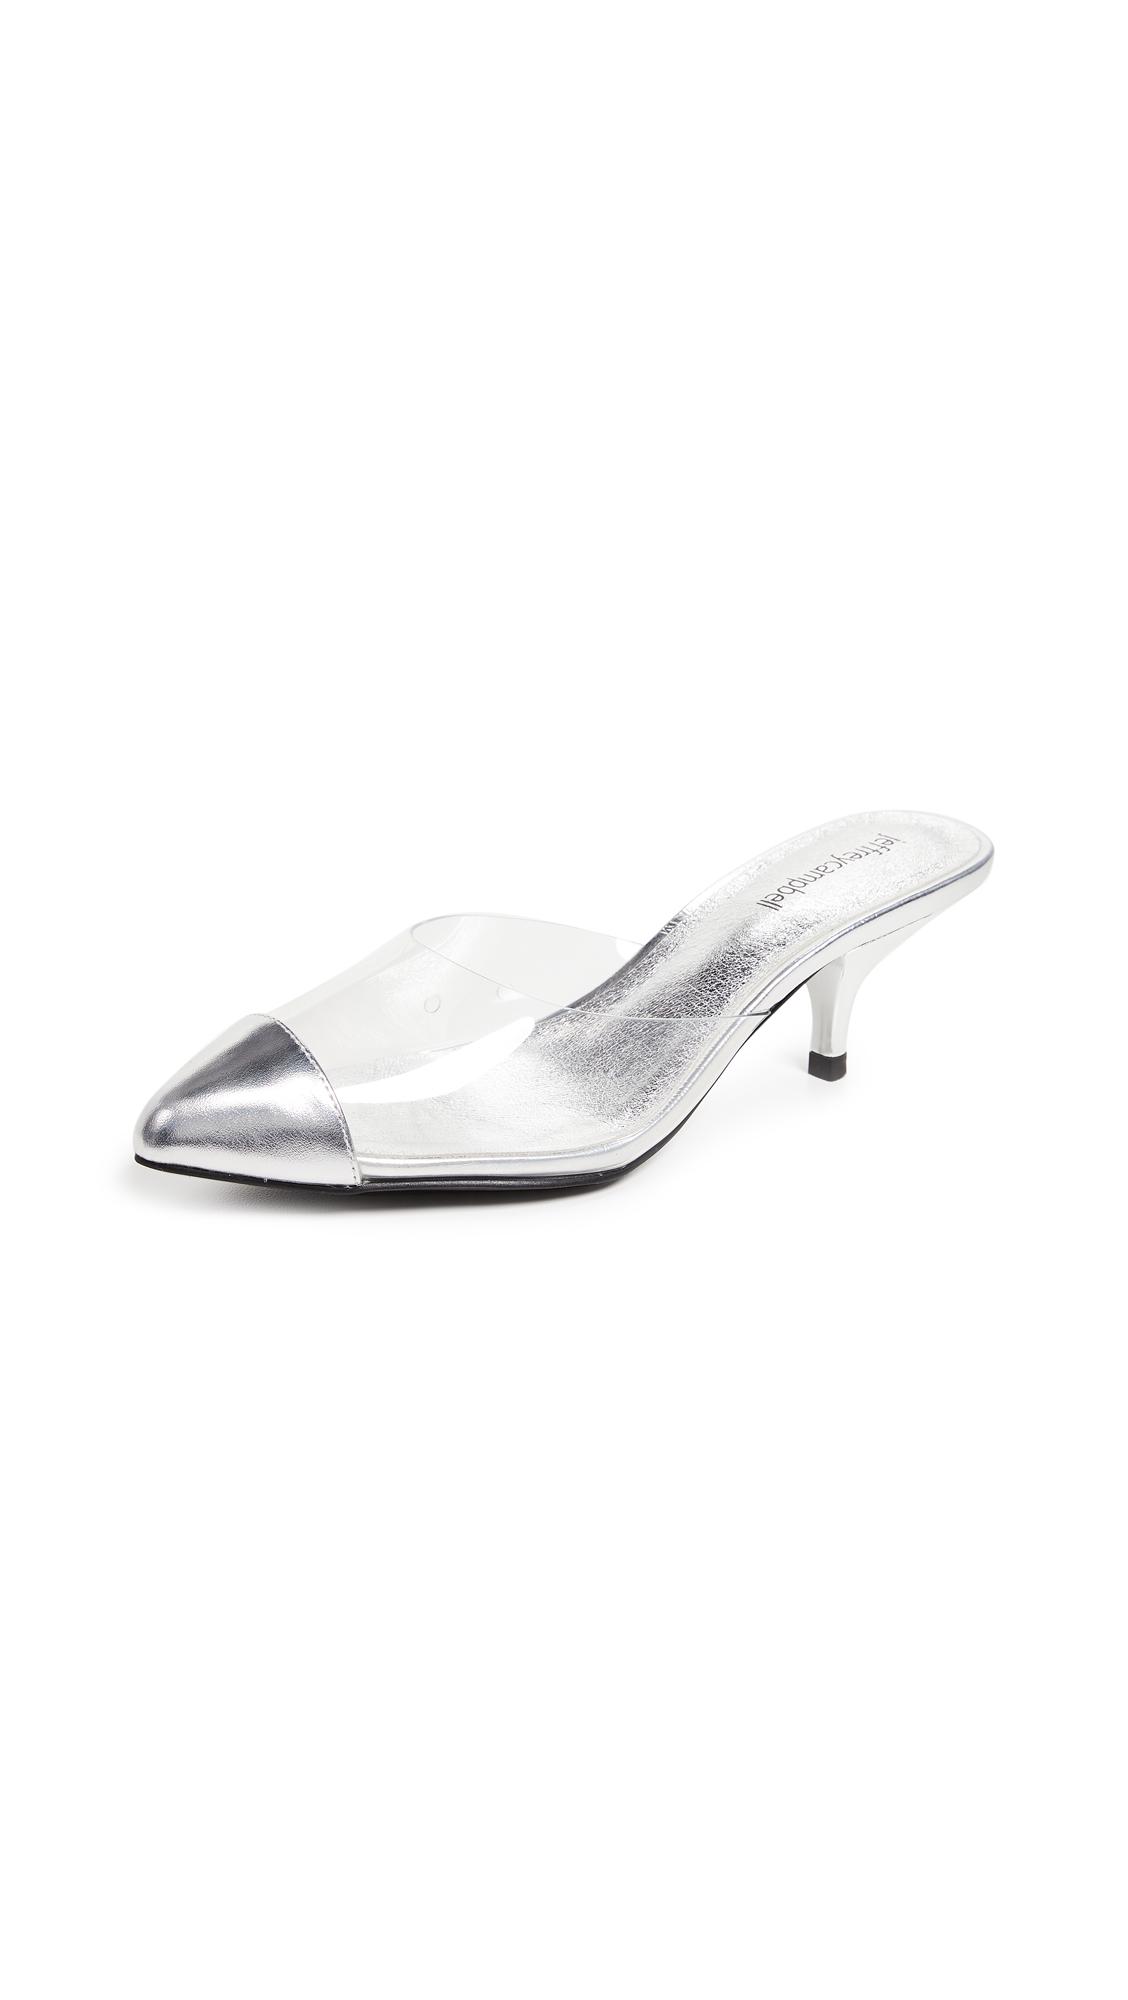 Jeffrey Campbell Jena Kitten Heel Point Toe Mules - Clear Silver